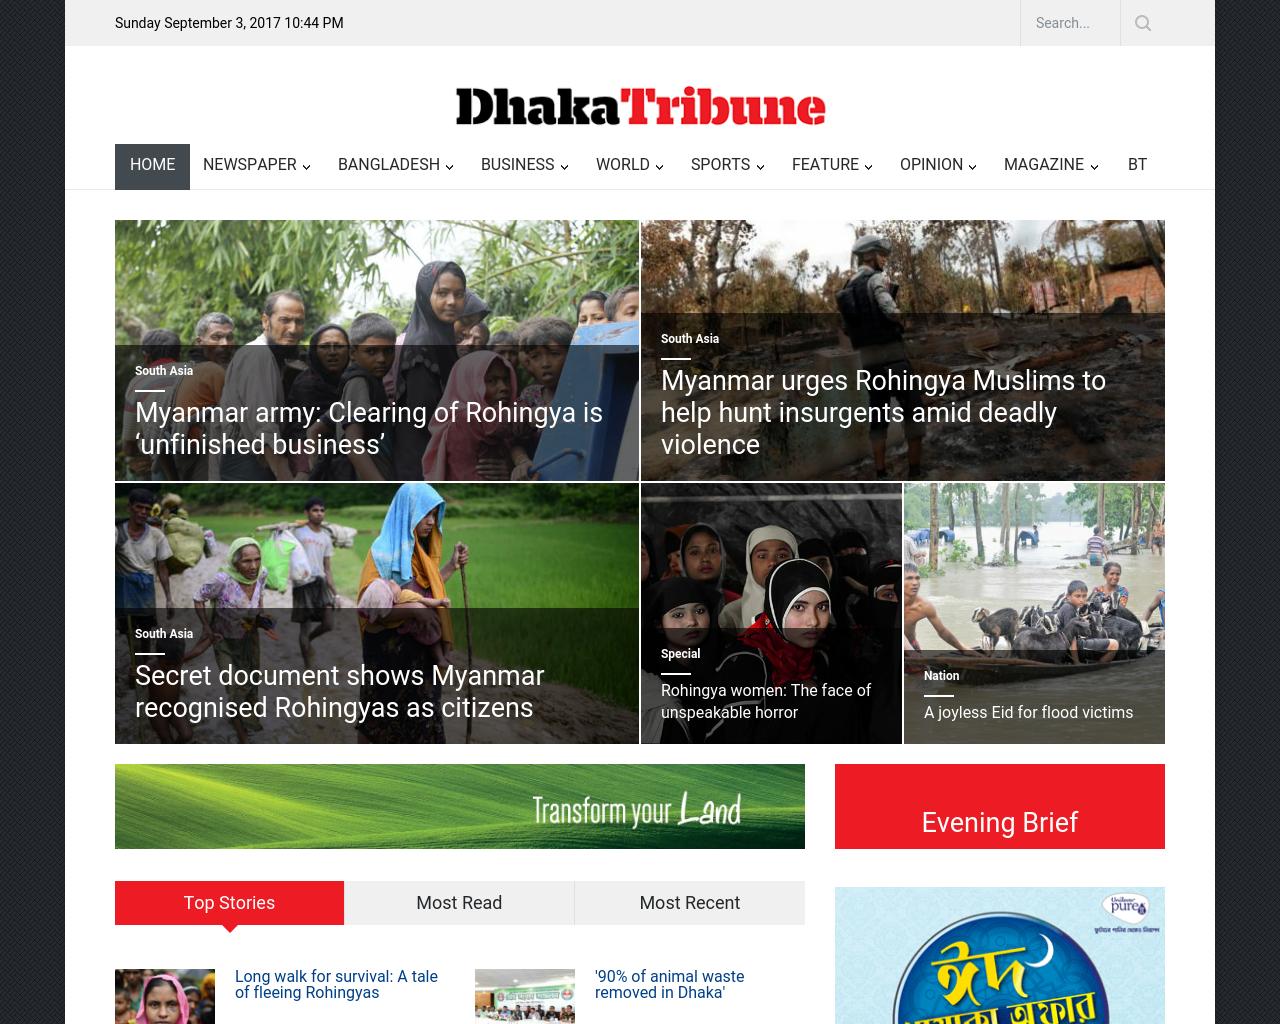 DhakaTribune-Advertising-Reviews-Pricing